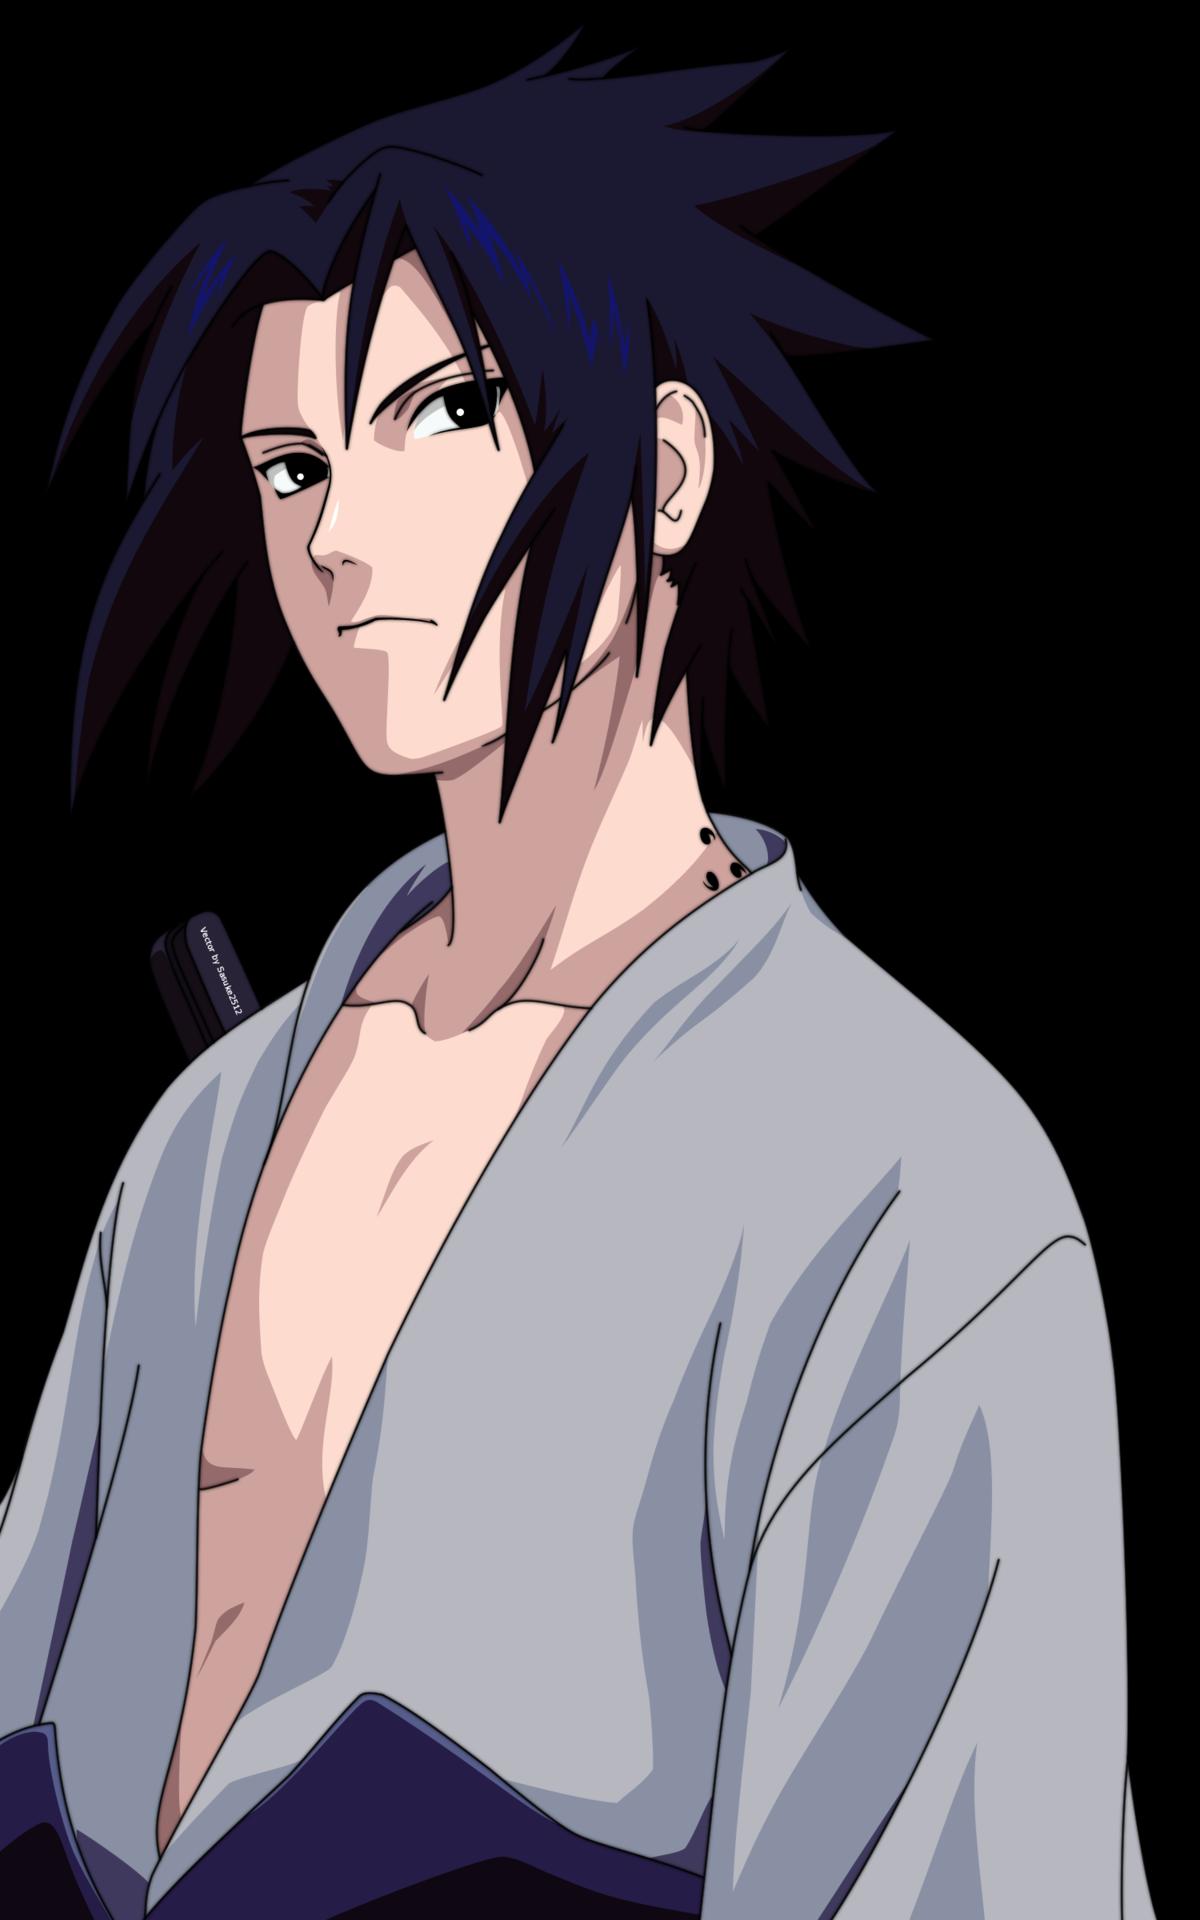 Does Sasuke ruin Naruto? - Gen. Discussion - Comic Vine - Sasuke in Naruto